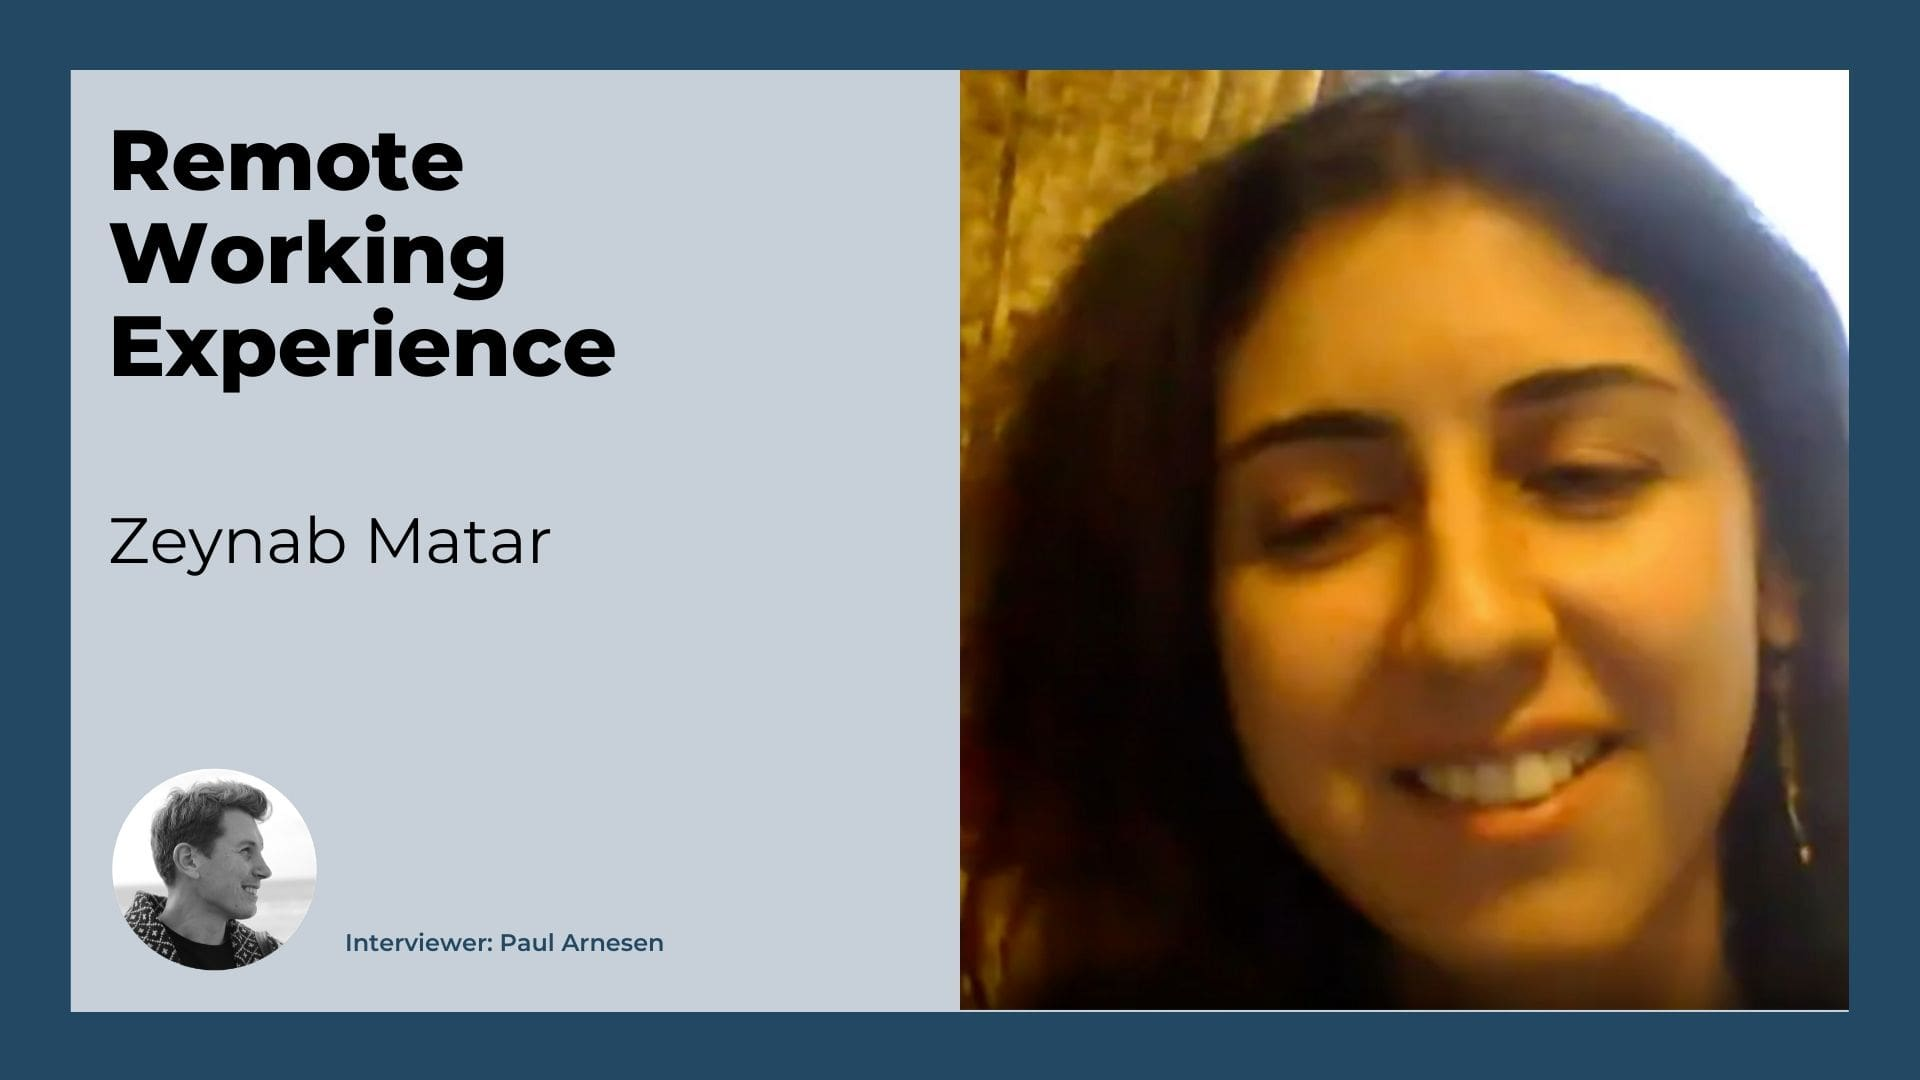 Zeynab Matar